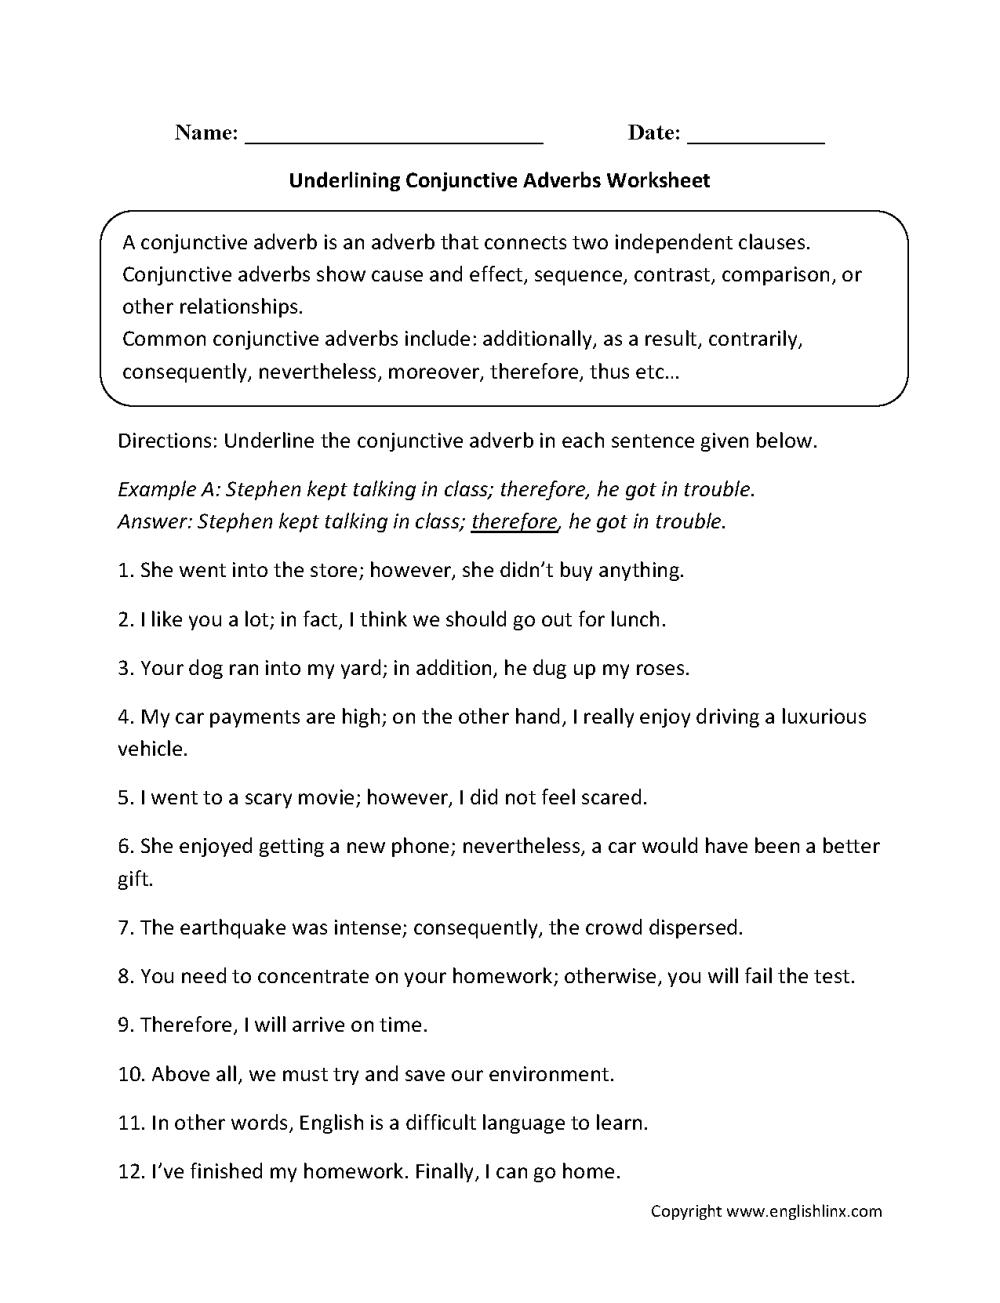 medium resolution of Conjunctions Worksheets   Underlining Conjunctive Adverbs Worksheet